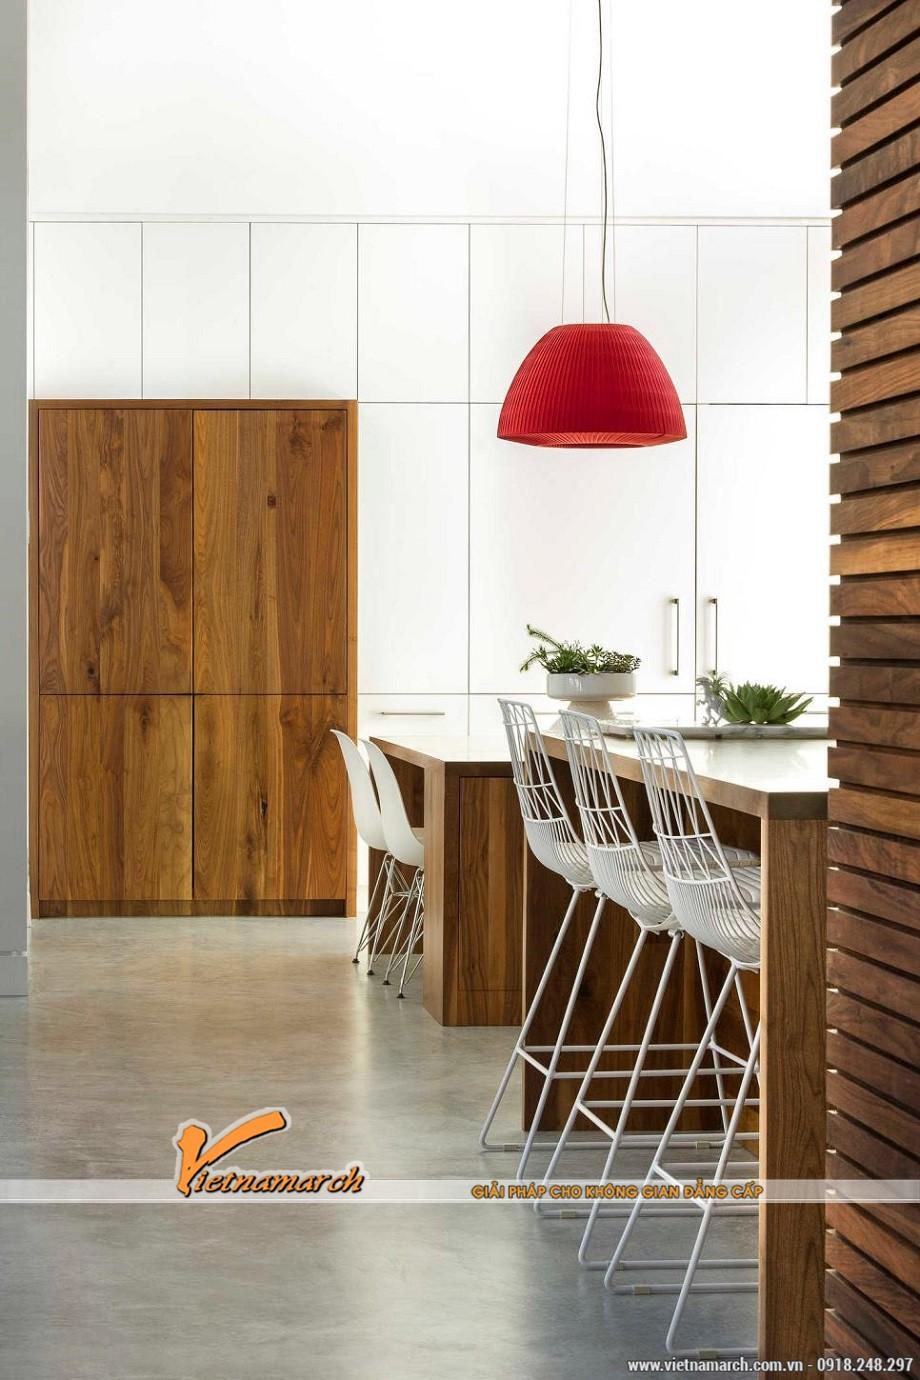 Nhà bếp này hiện đại và mới lạ ở việc kết hợp màu sắc trắng, nâu gỗ và đỏ ...